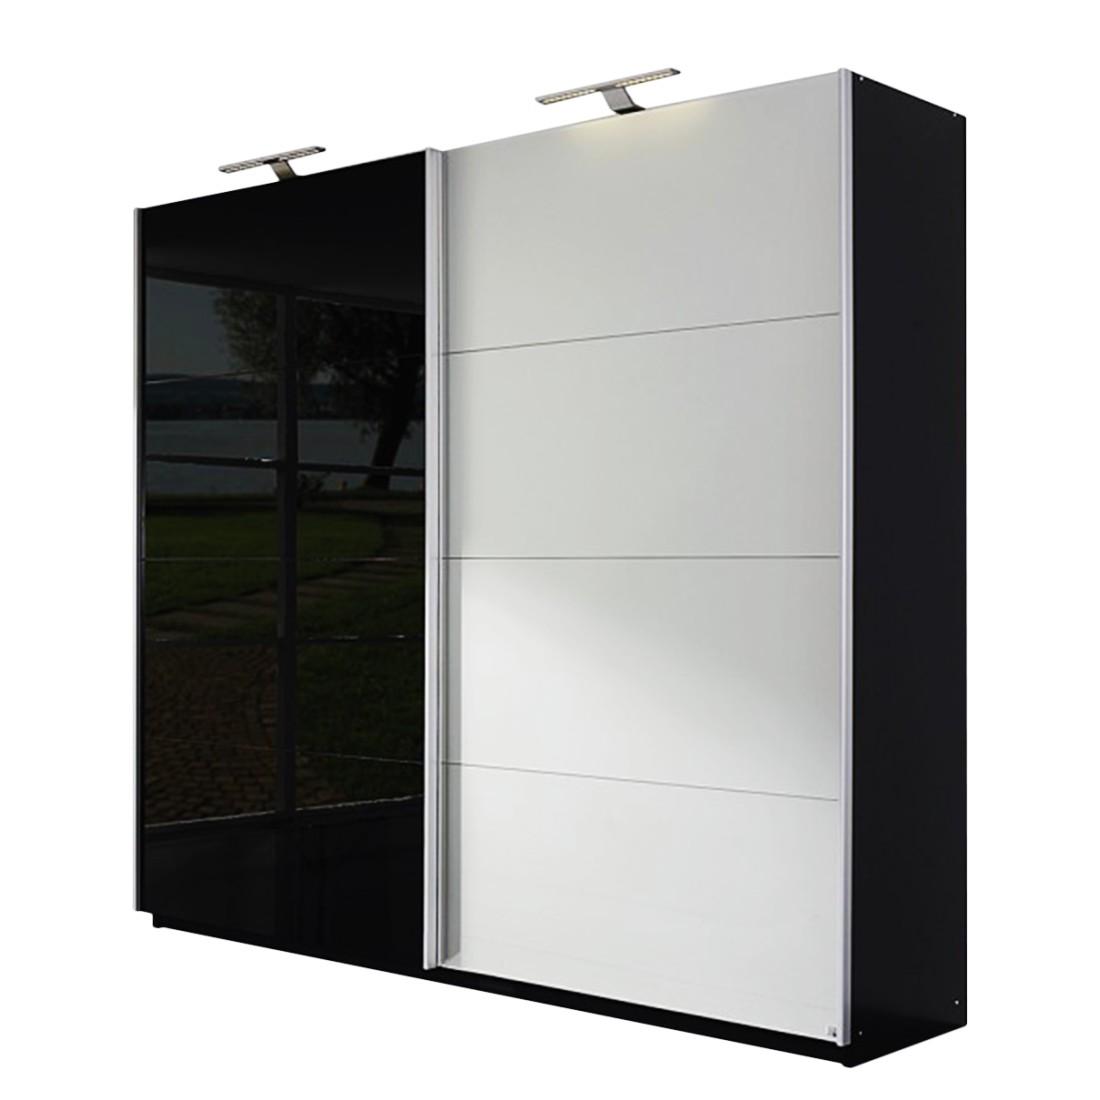 Schwebetürenschrank Beluga-Plus - Schwarz/Hochglanz Schwarz - Glas matt Silber - 360 cm (3-türig) - 223 cm, Rauch Select